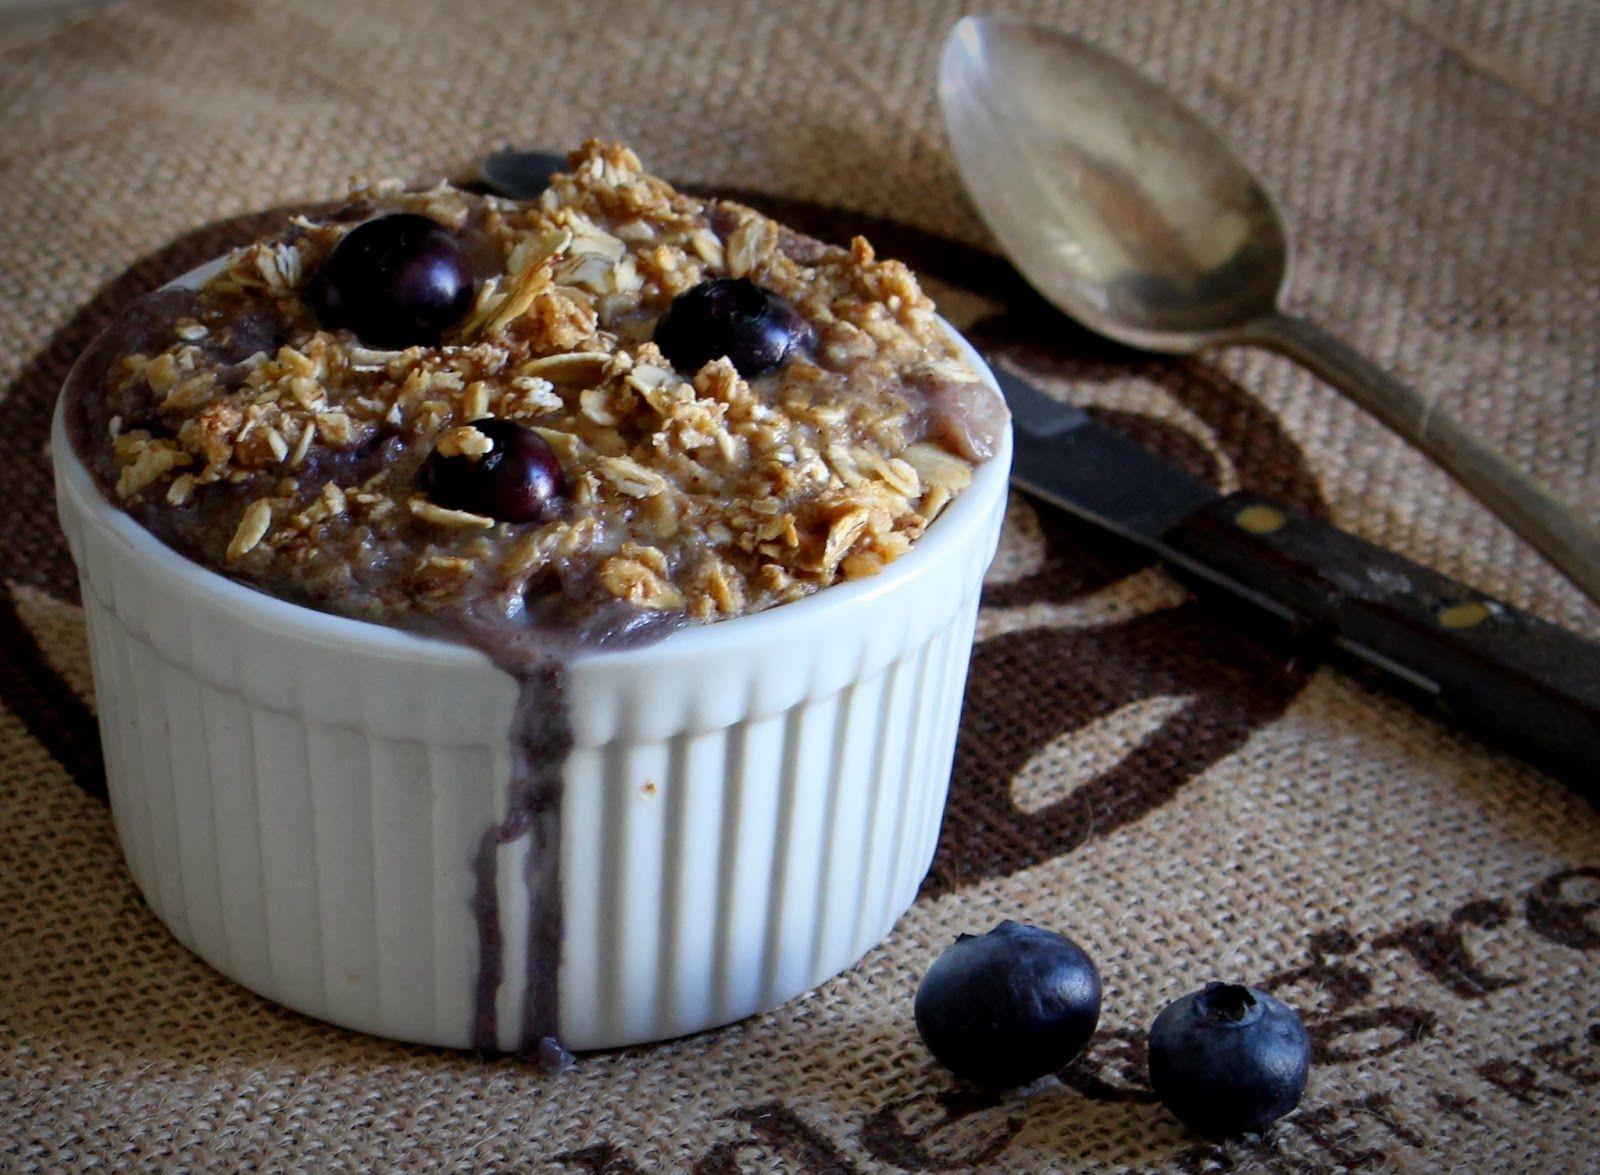 Oatgasm: Blueberry Banana Crumb Muffin Baked Oatmeal